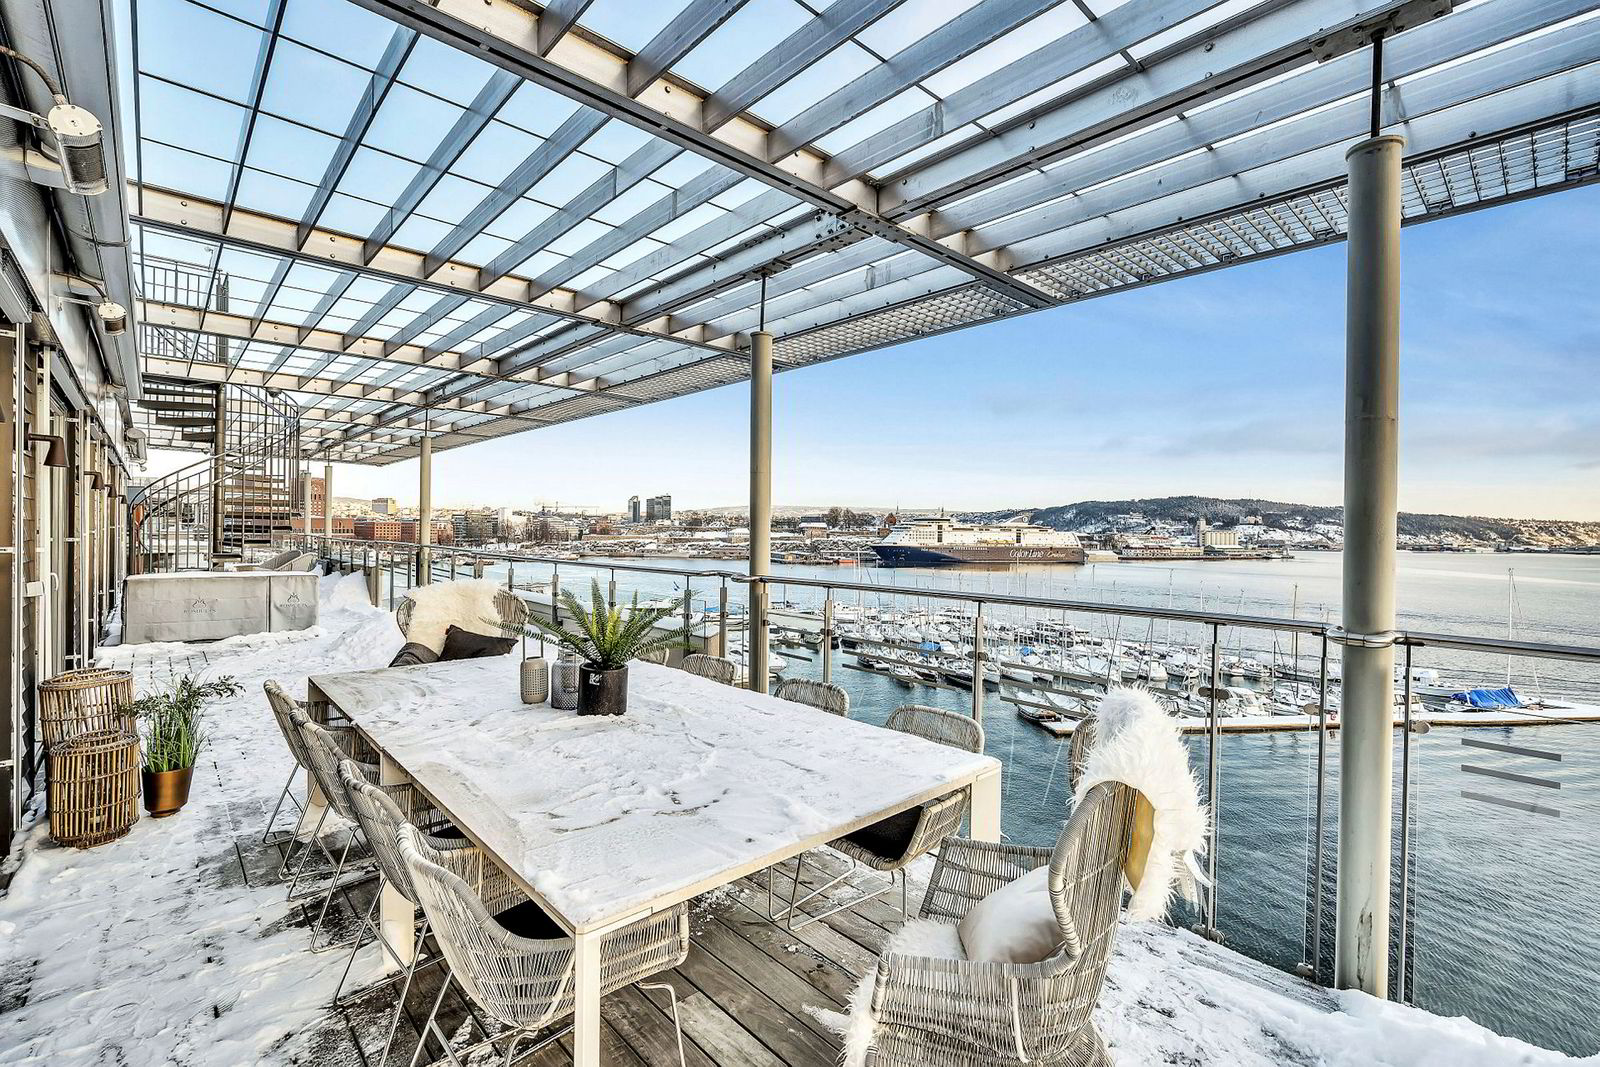 Rundt hele leiligheten er det flere terrasser som til sammen er over 100 kvadratmeter, ifølge Nordvik.